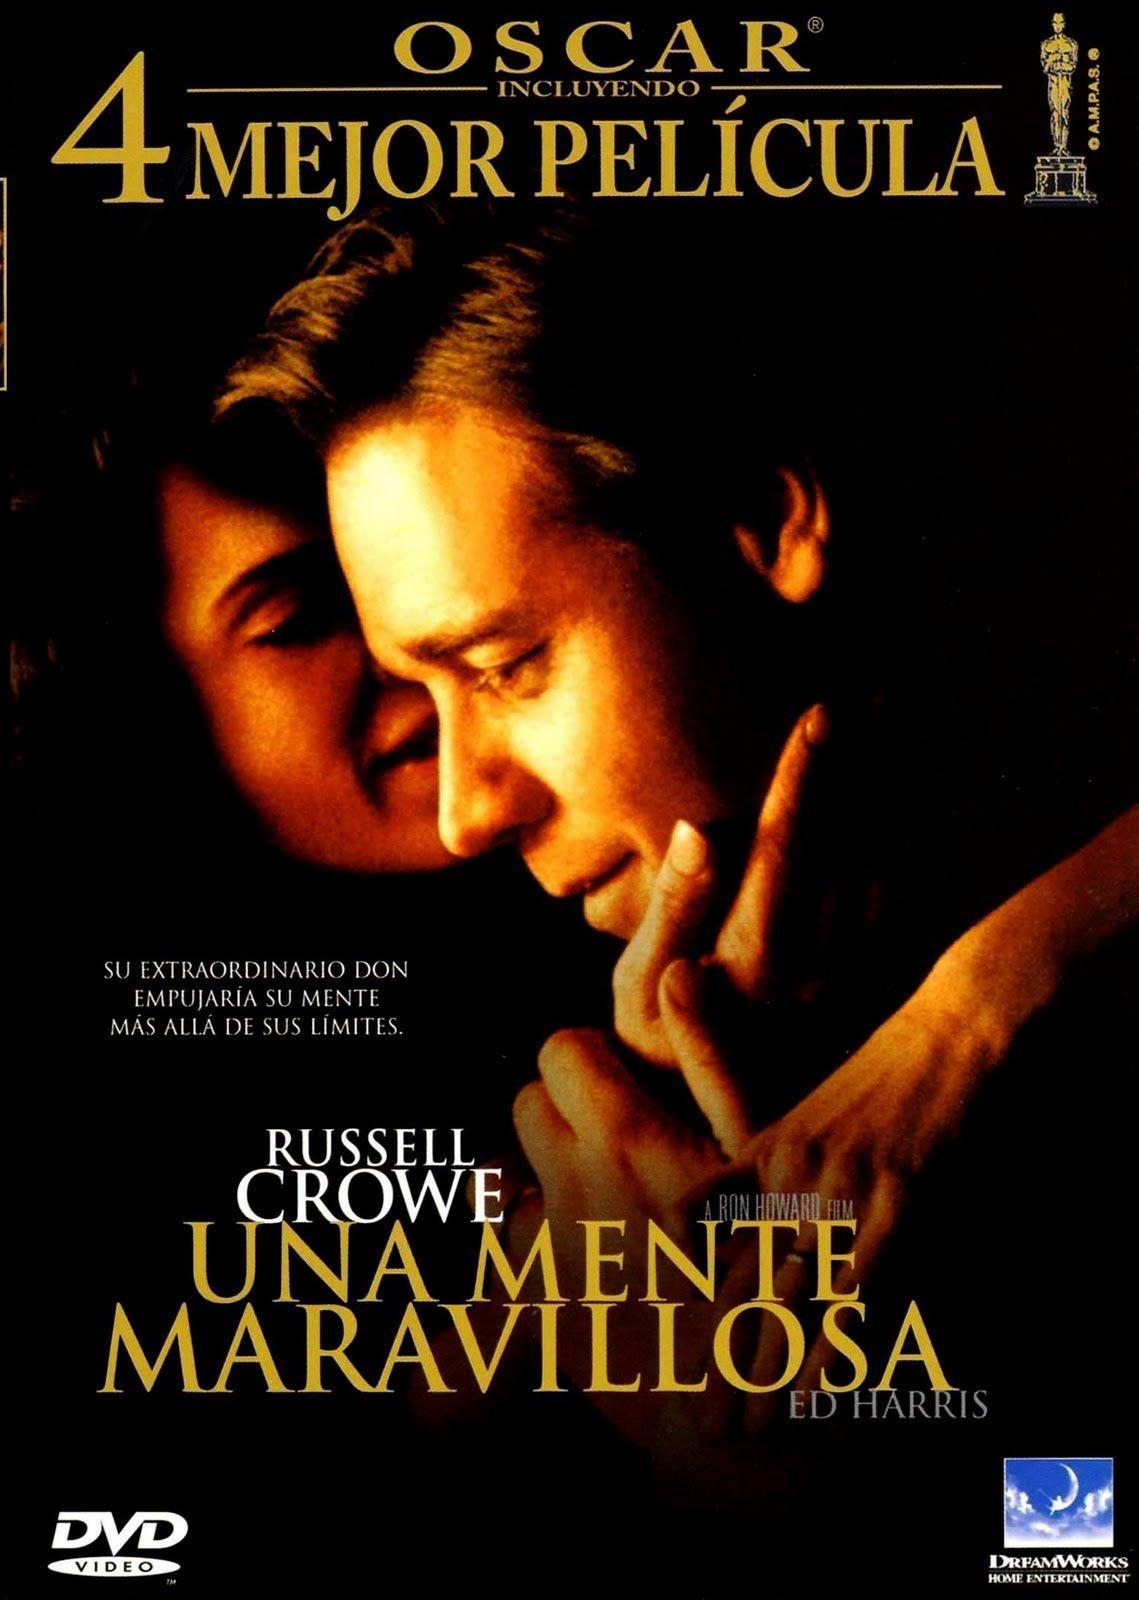 Una mente maravillosa. Una de las mejores películas que he visto.